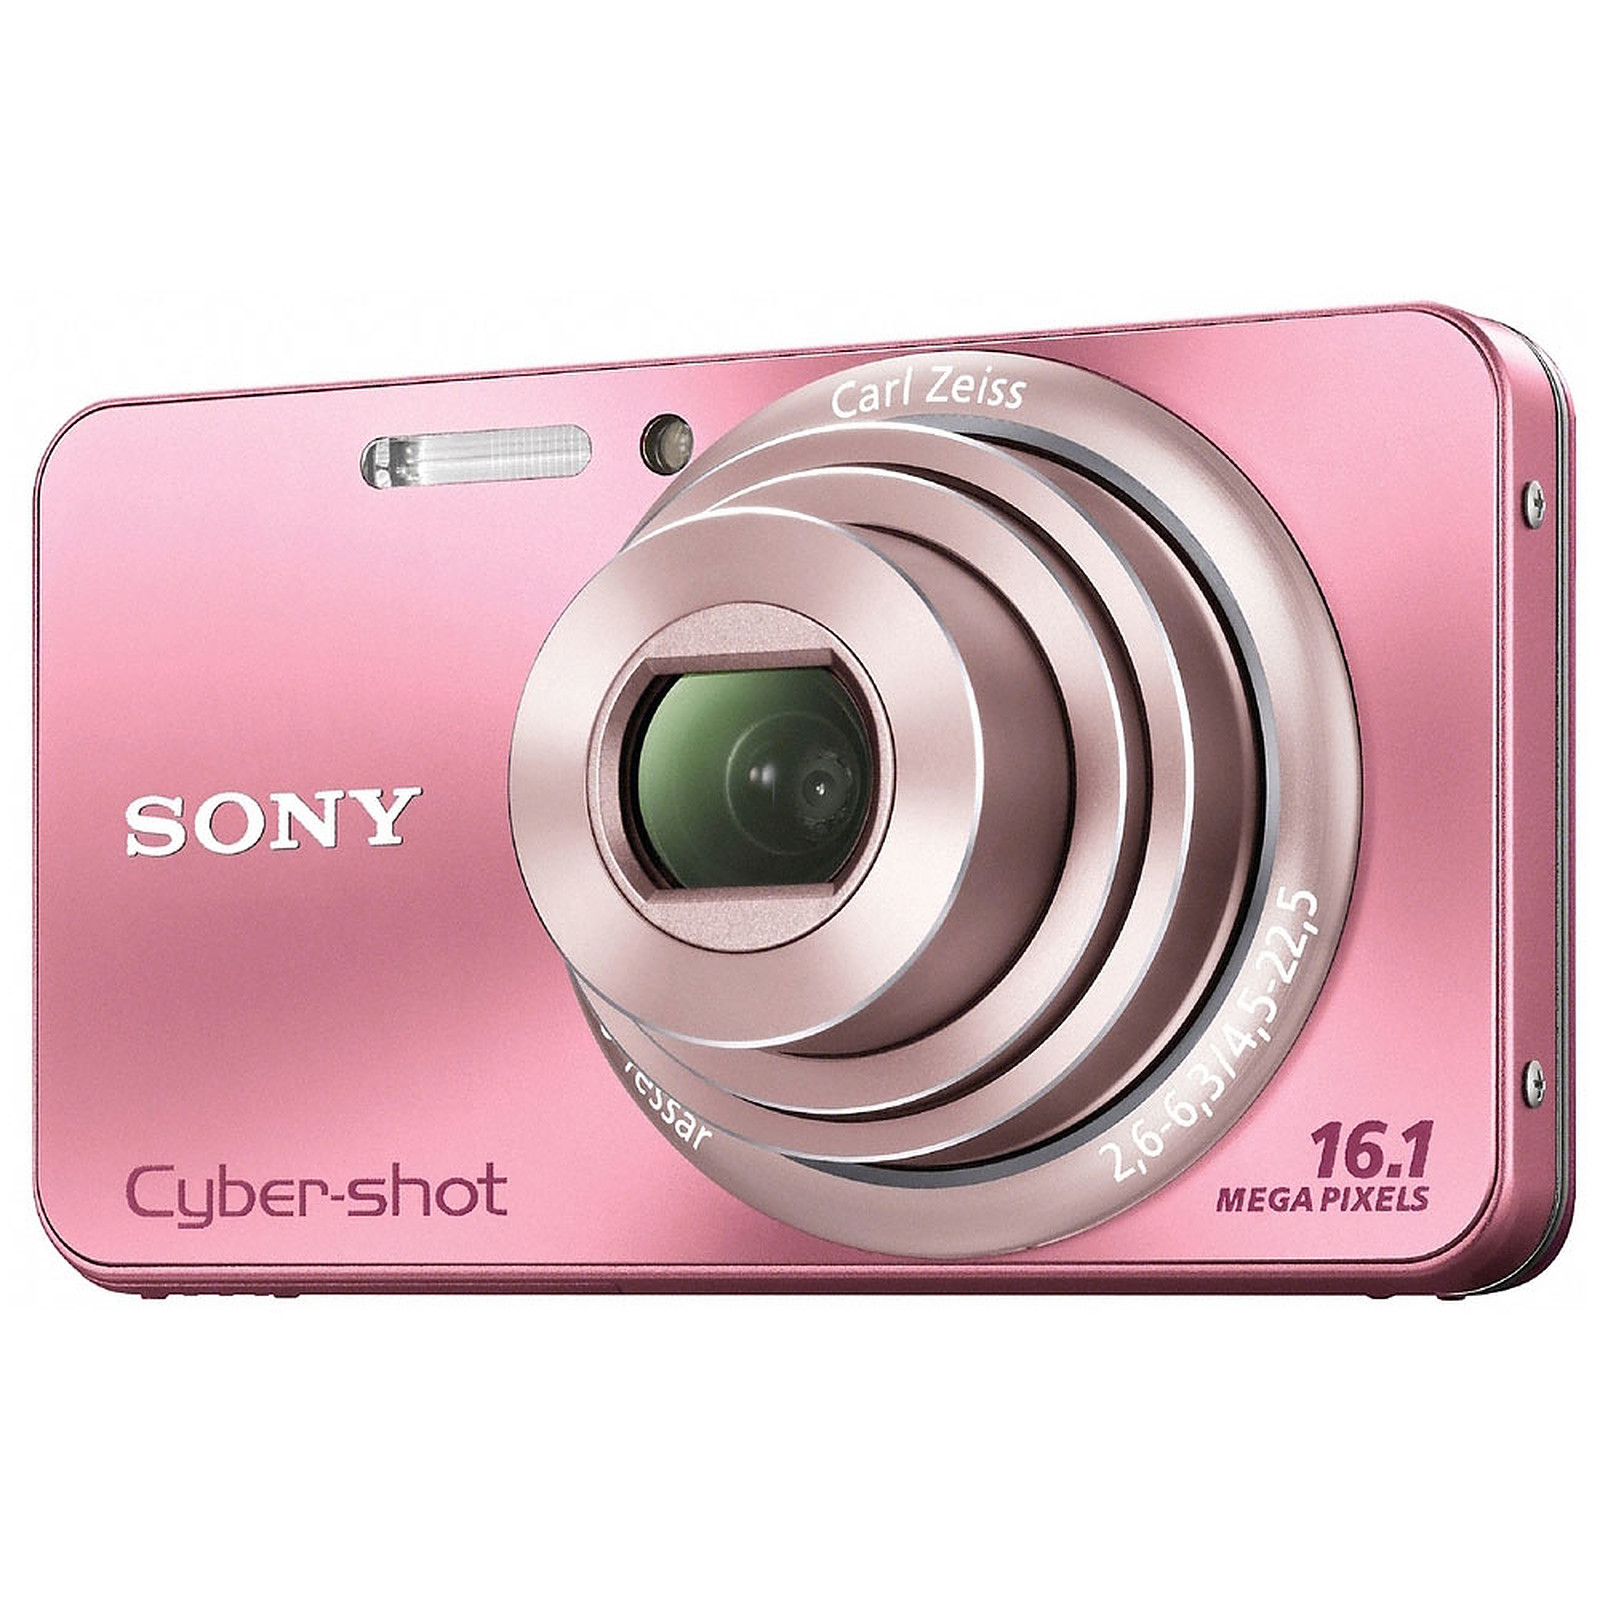 Sony CyberShot DSC-W570 Rose